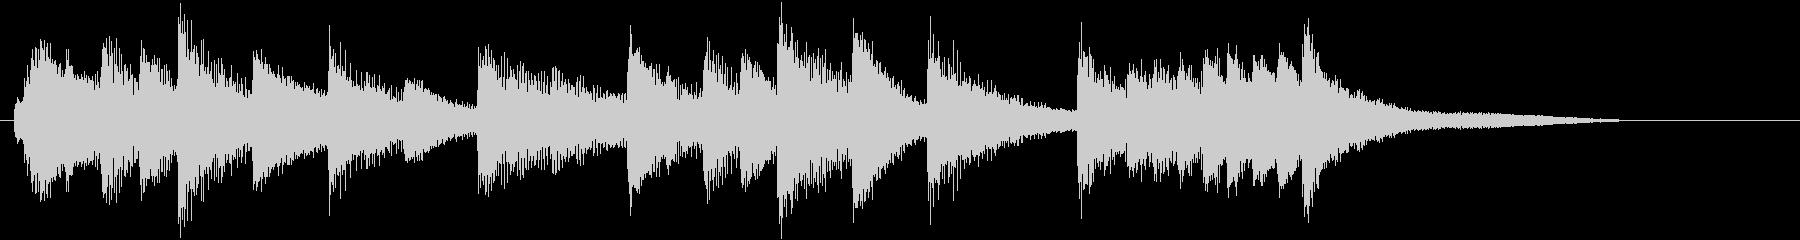 童謡・紅葉モチーフのピアノジングルAの未再生の波形